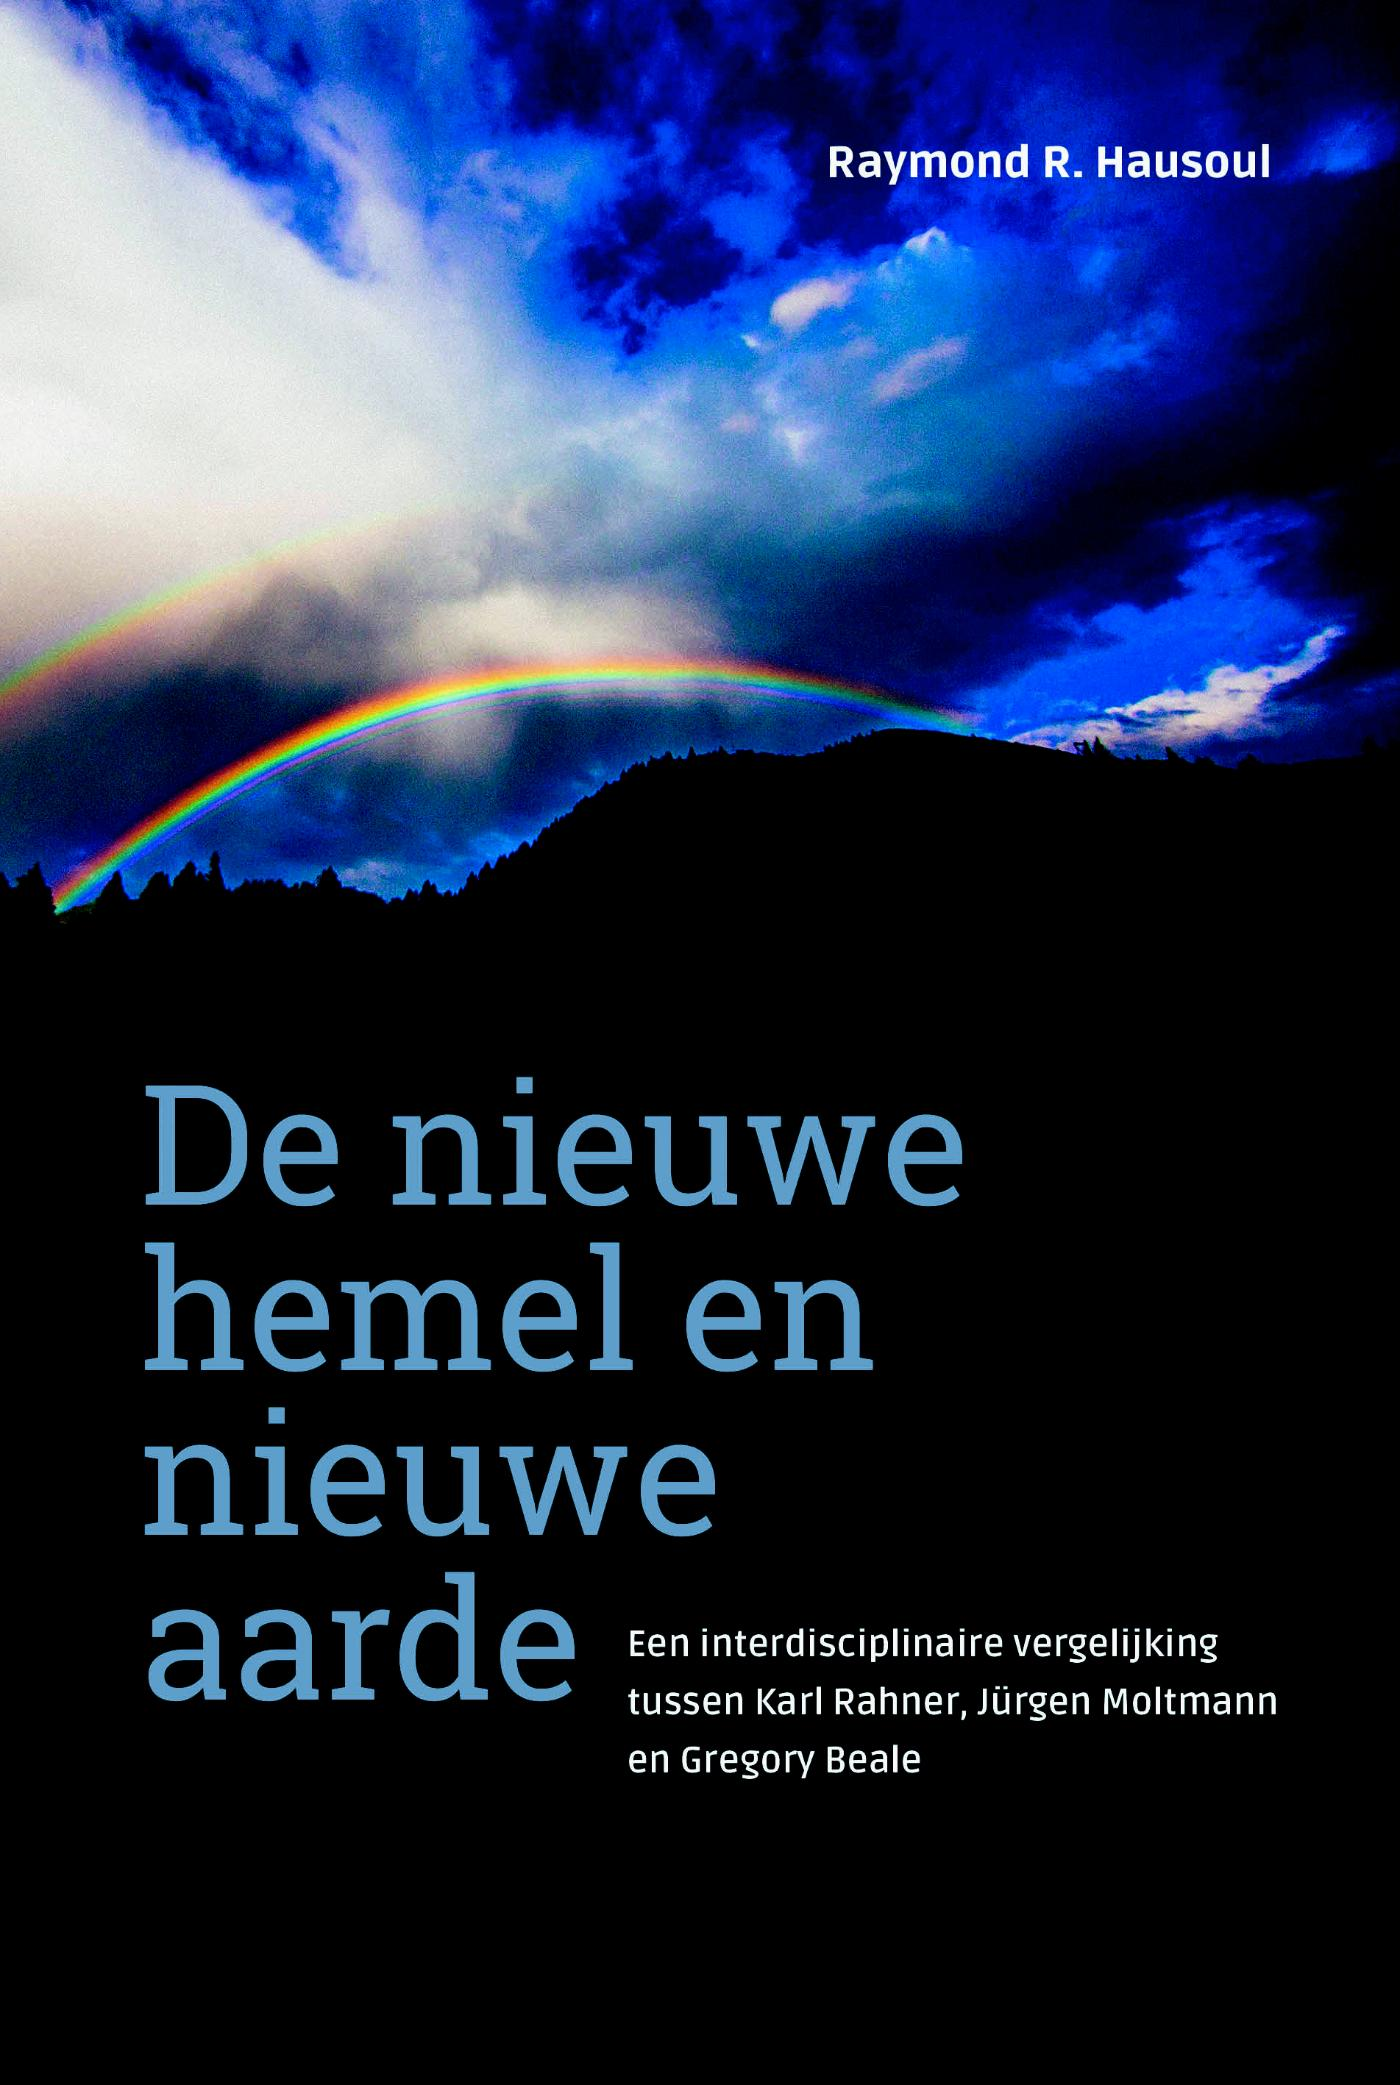 De nieuwe hemel en nieuwe aarde